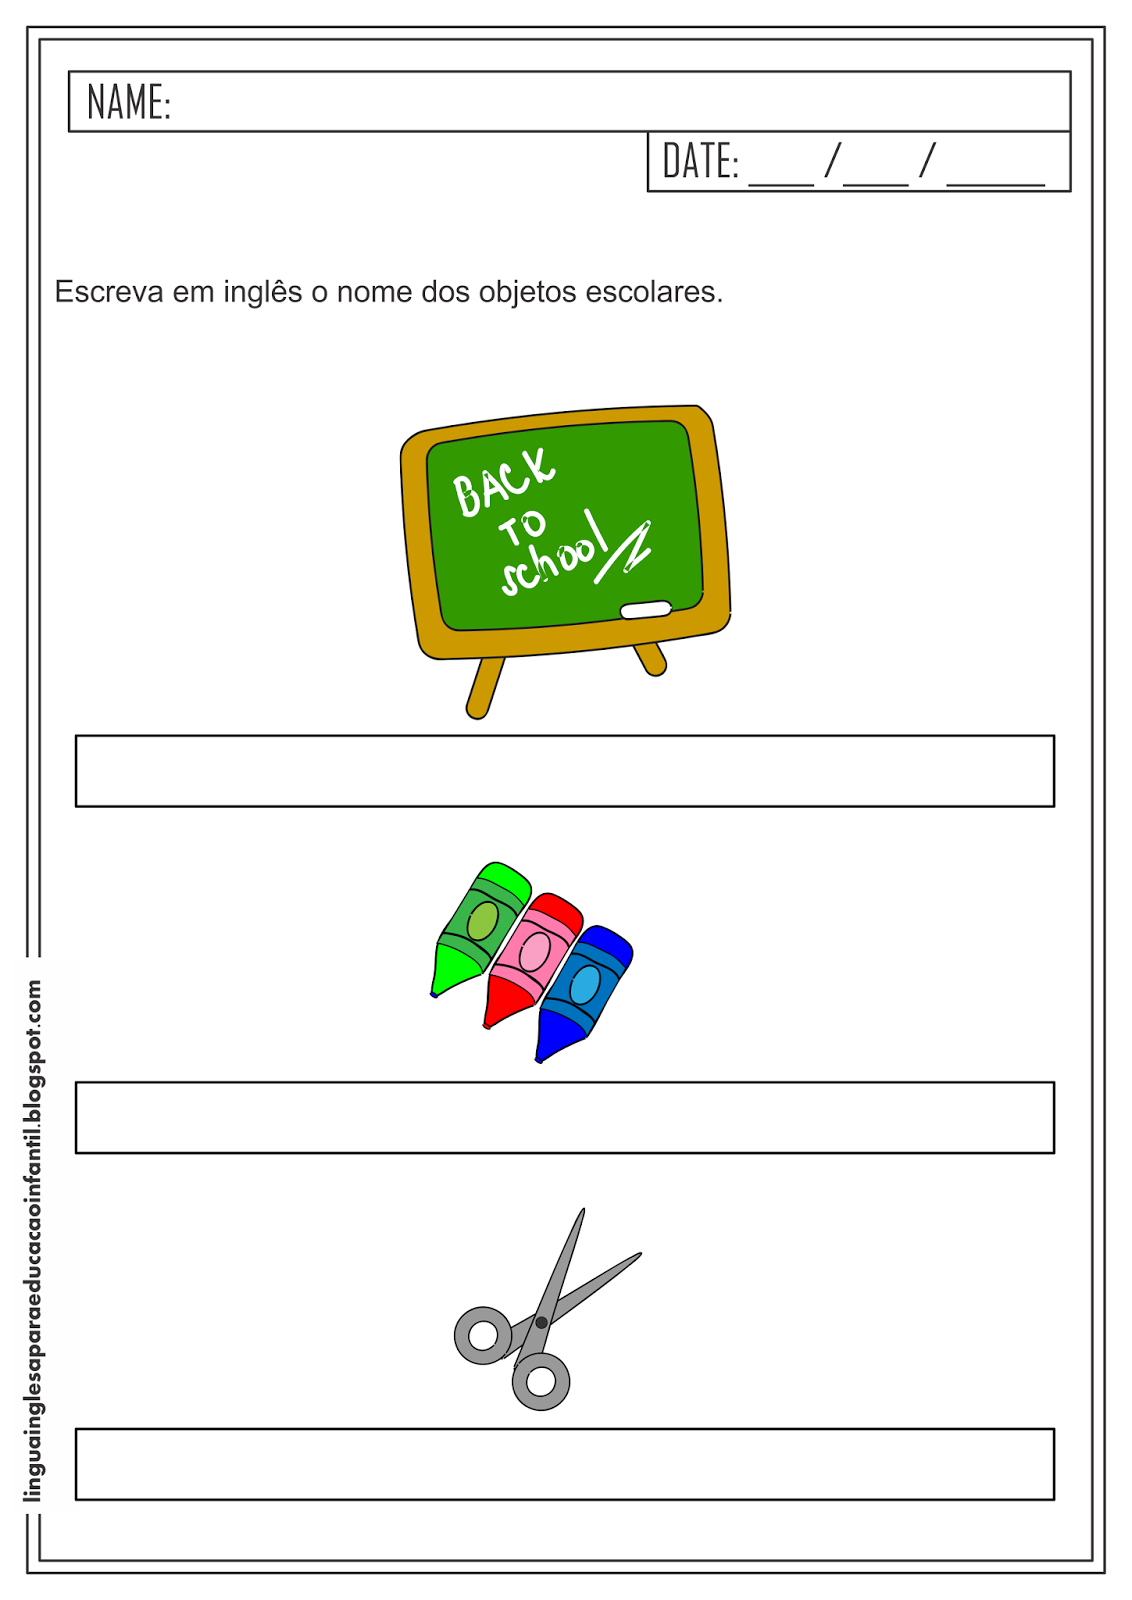 Vocabulário escolar - Atividade de Inglês